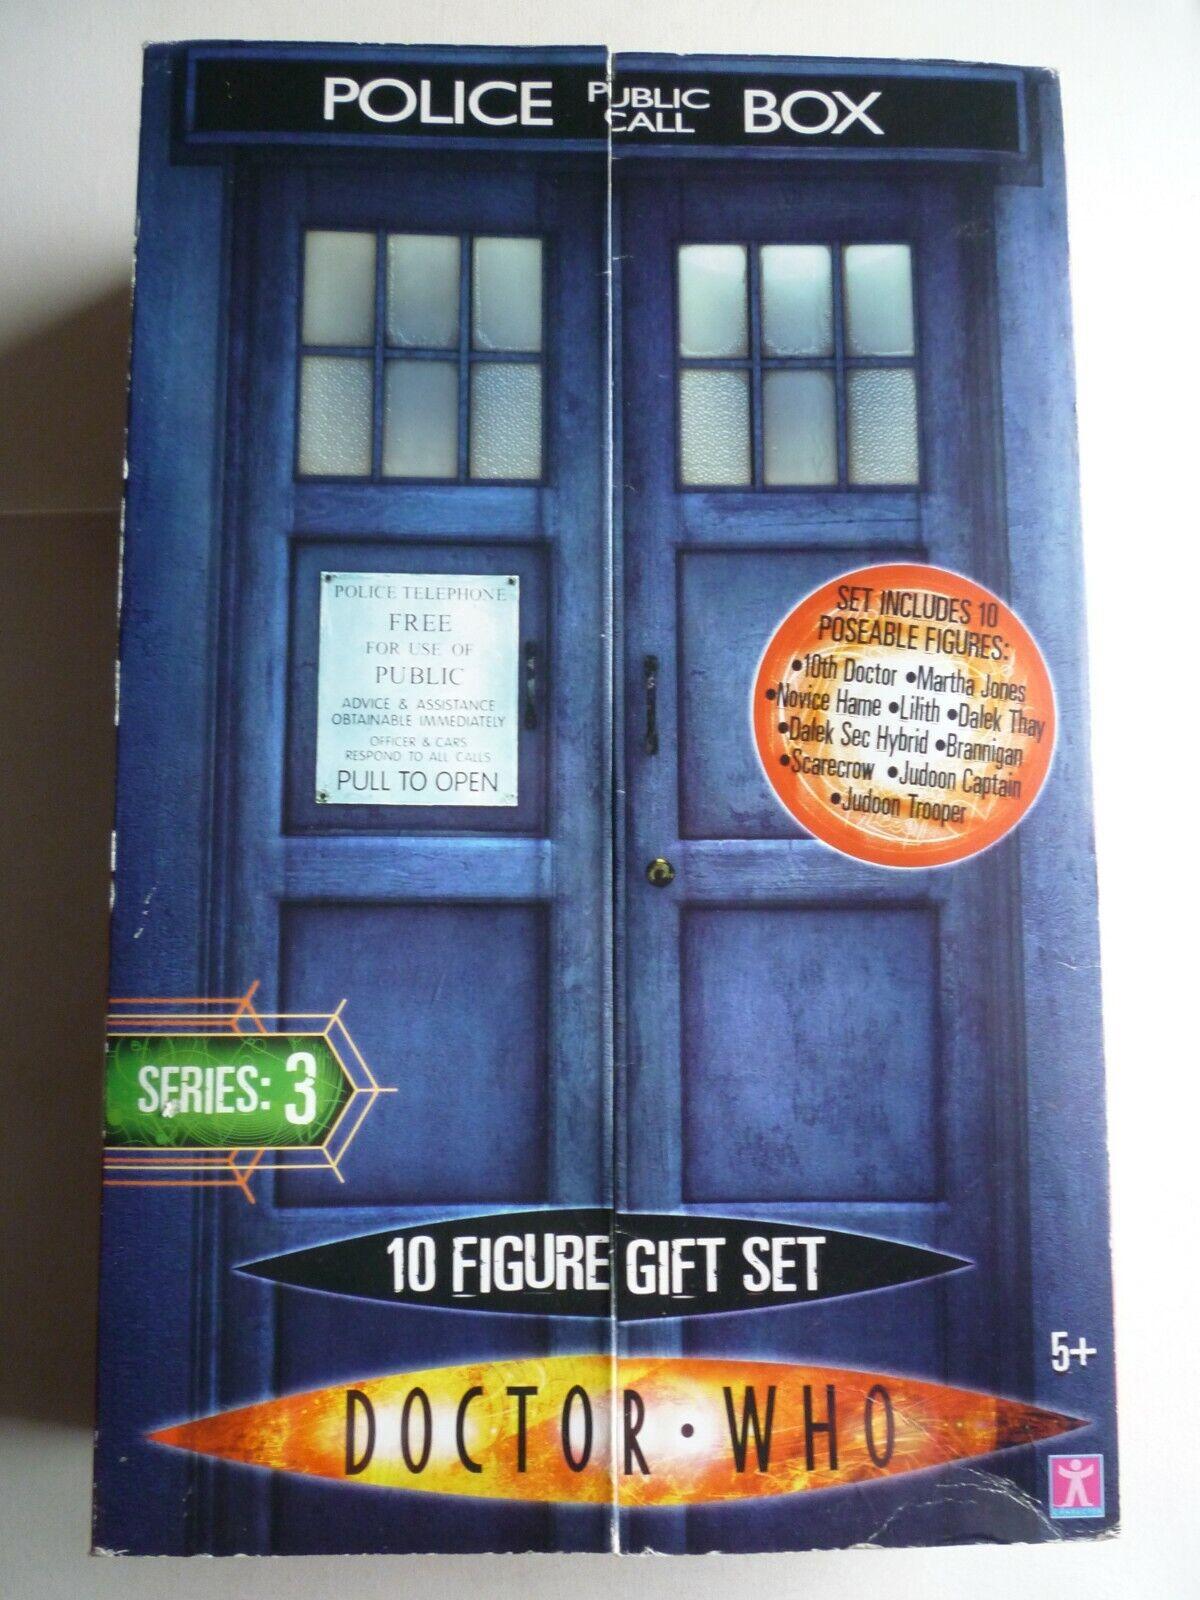 Doctor Who Series 3 10 Figure Set Rare BNIB Tenth Doctor Dalek Thay BNIB